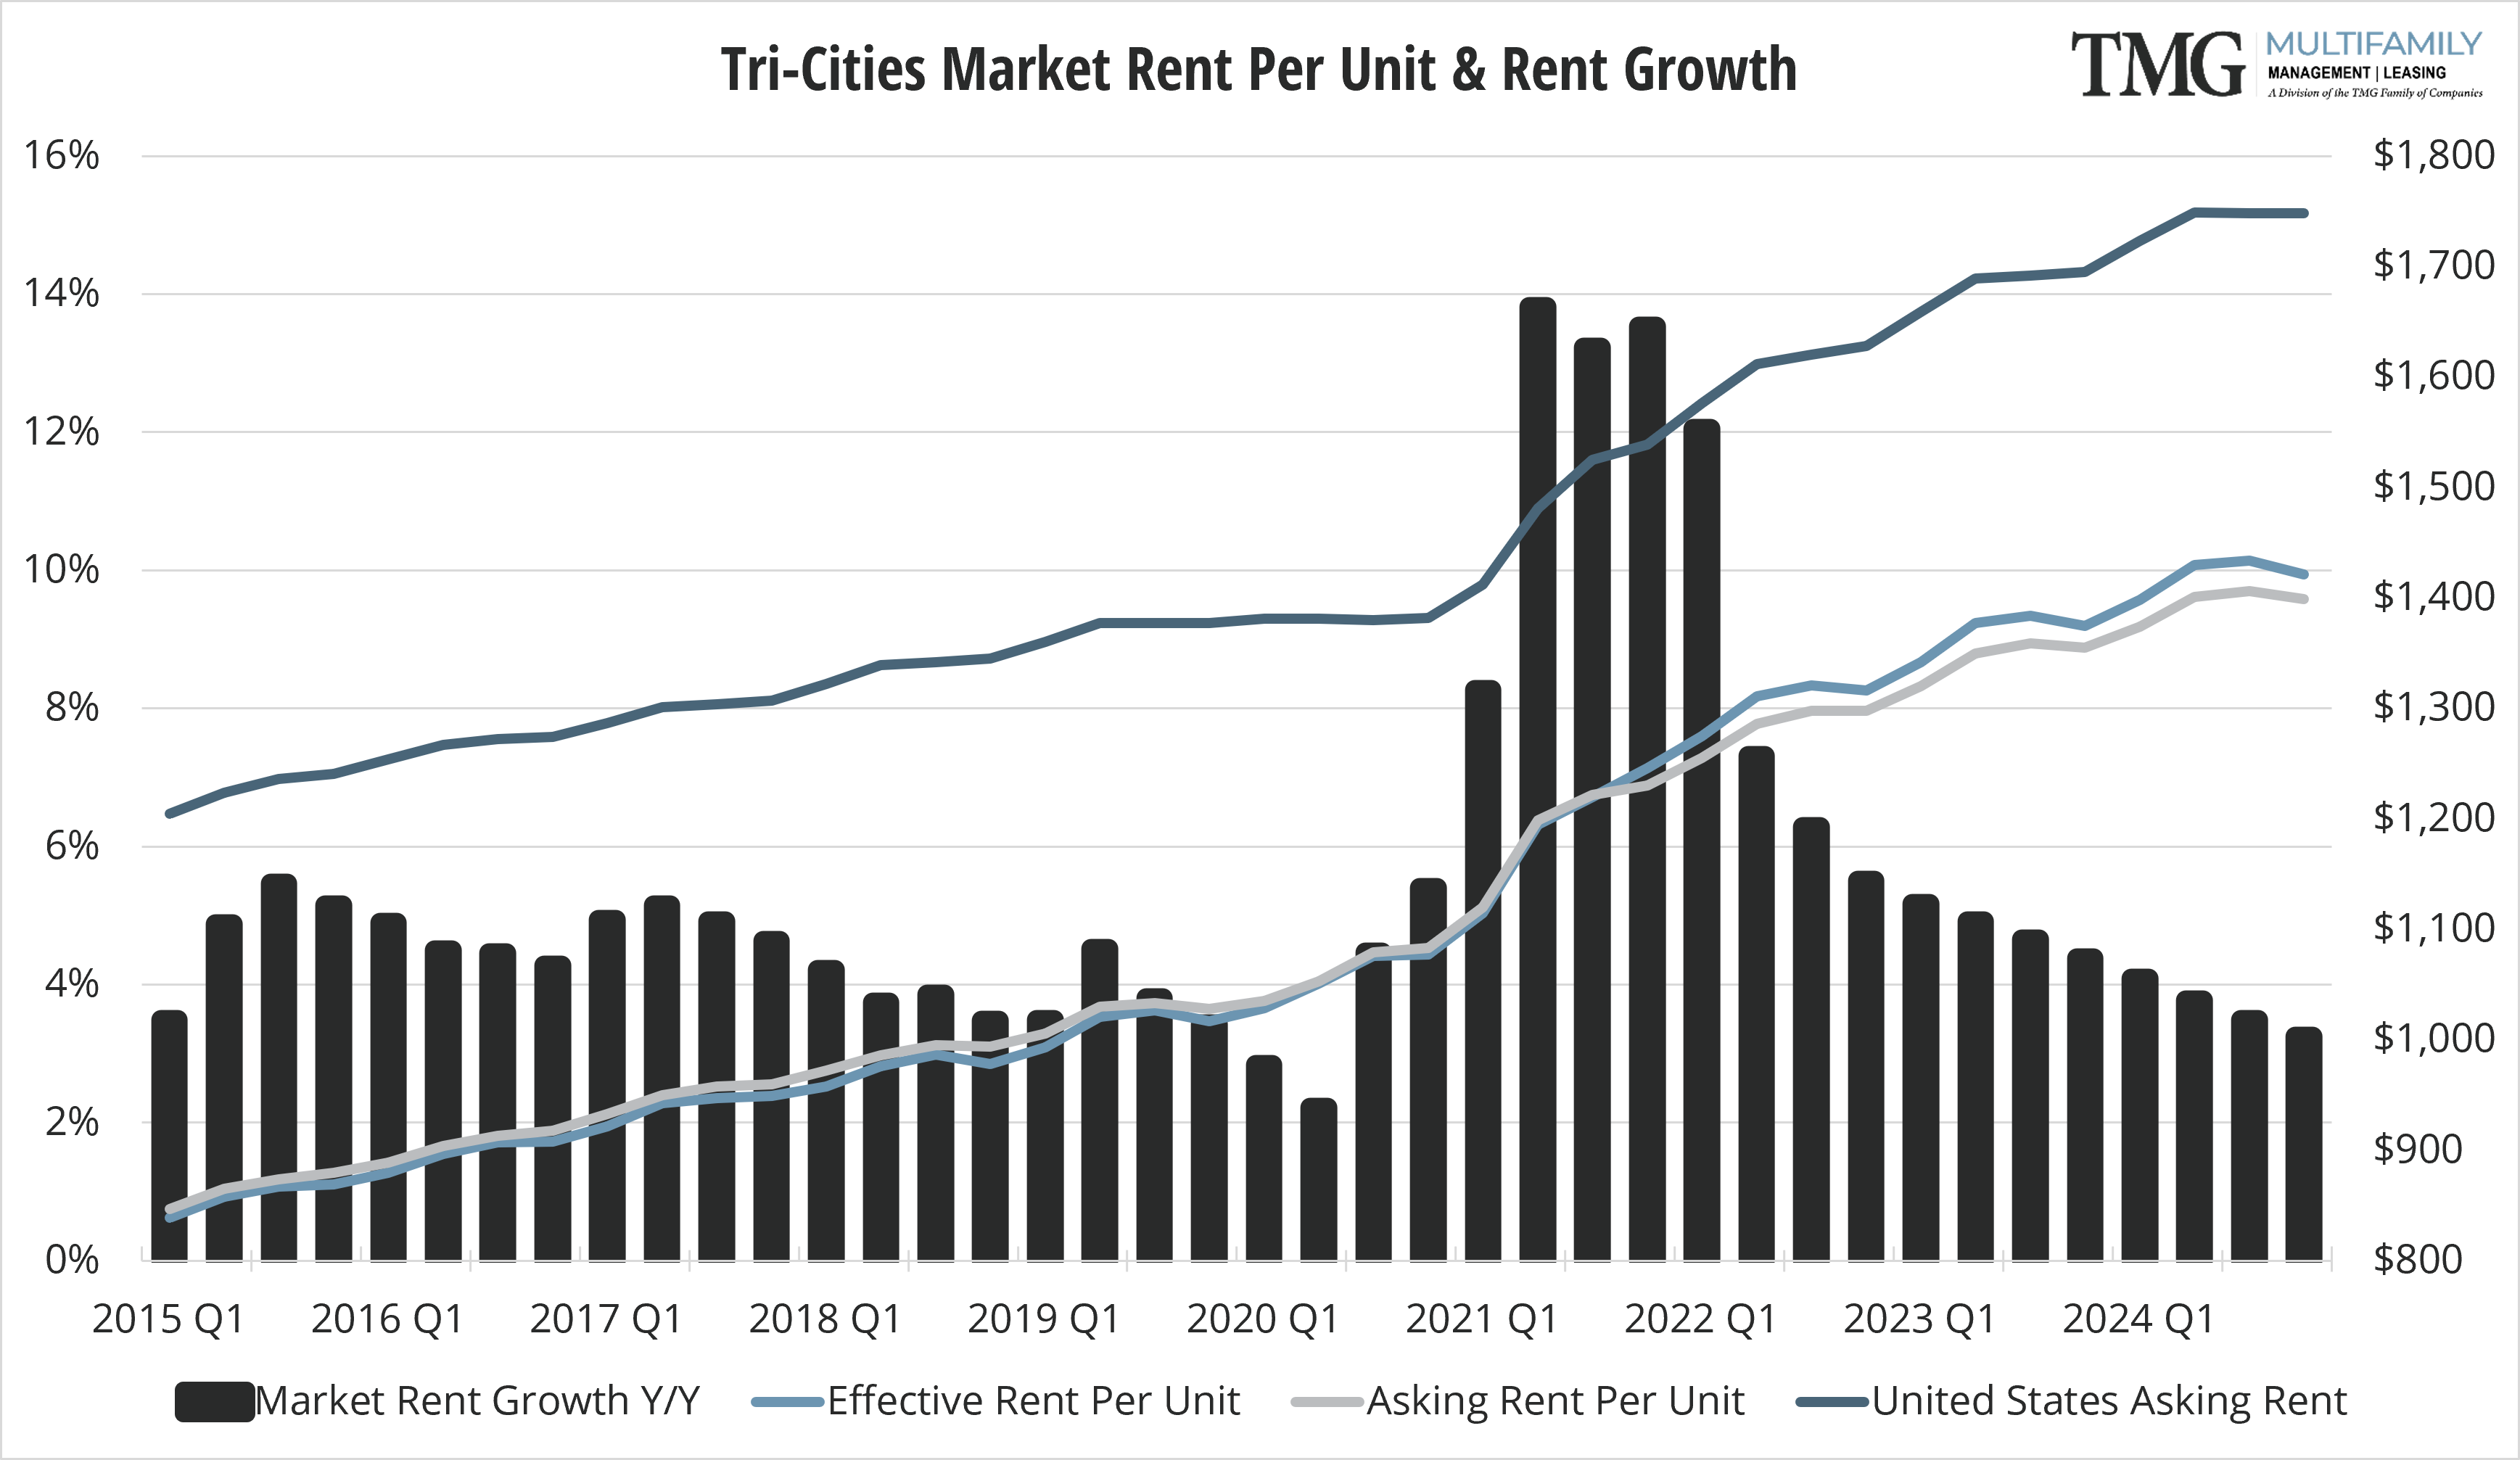 Tri-Cities Q4 Market Rent Per Unit and Rent Growth